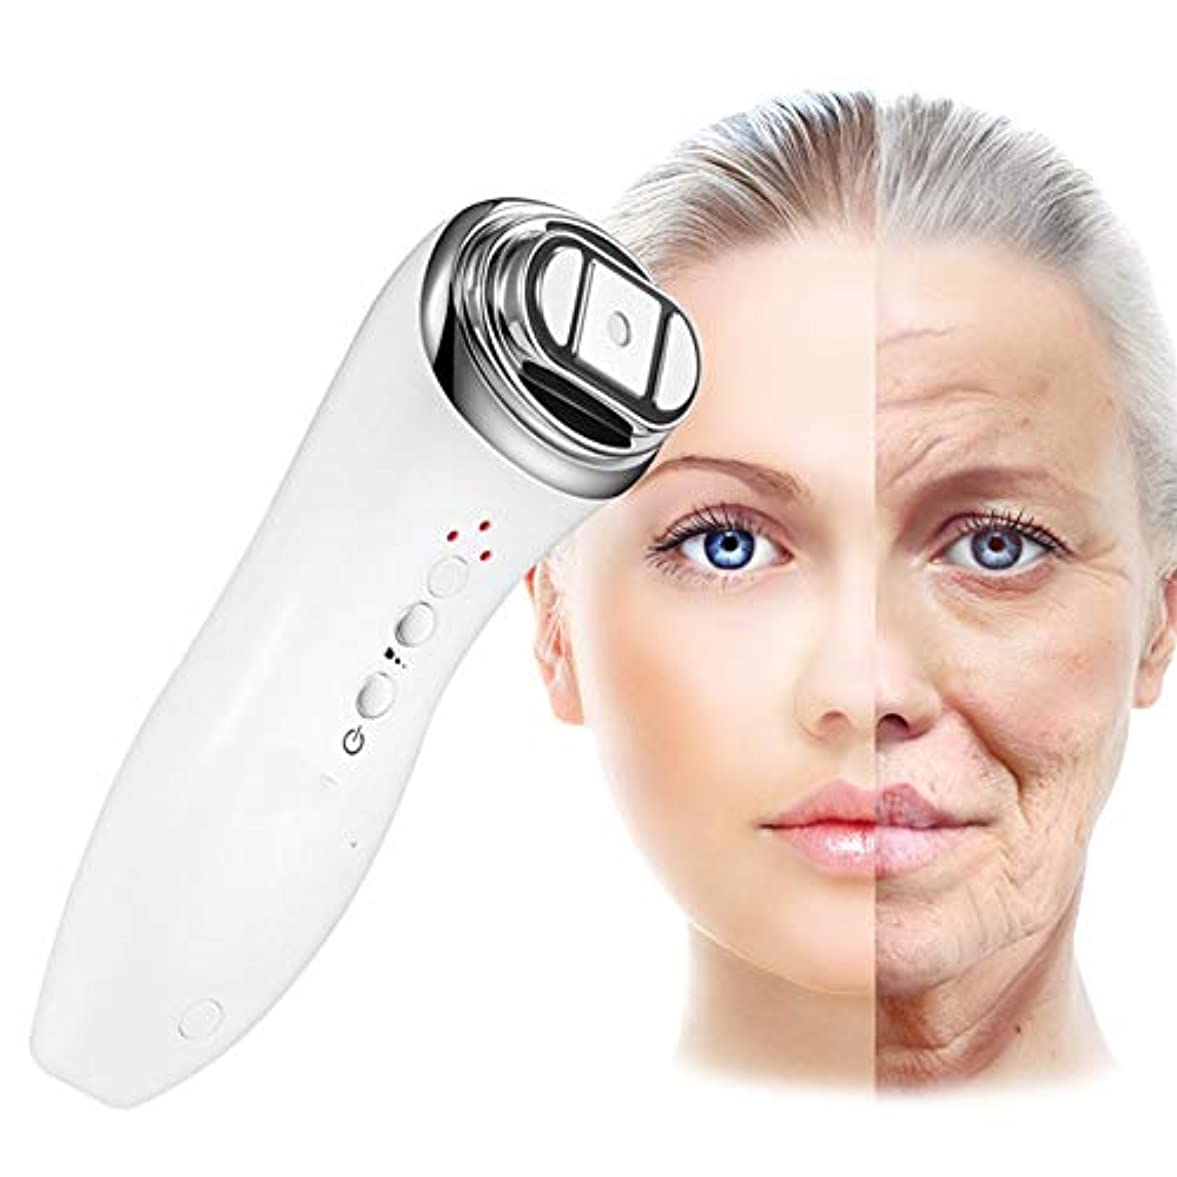 超高層ビル取るブレースガルバニックMicrocurrentフェイスリフトマシン - デバイスを引き締める顔の皮膚 - 顔と首のアンチエイジングマッサージツール